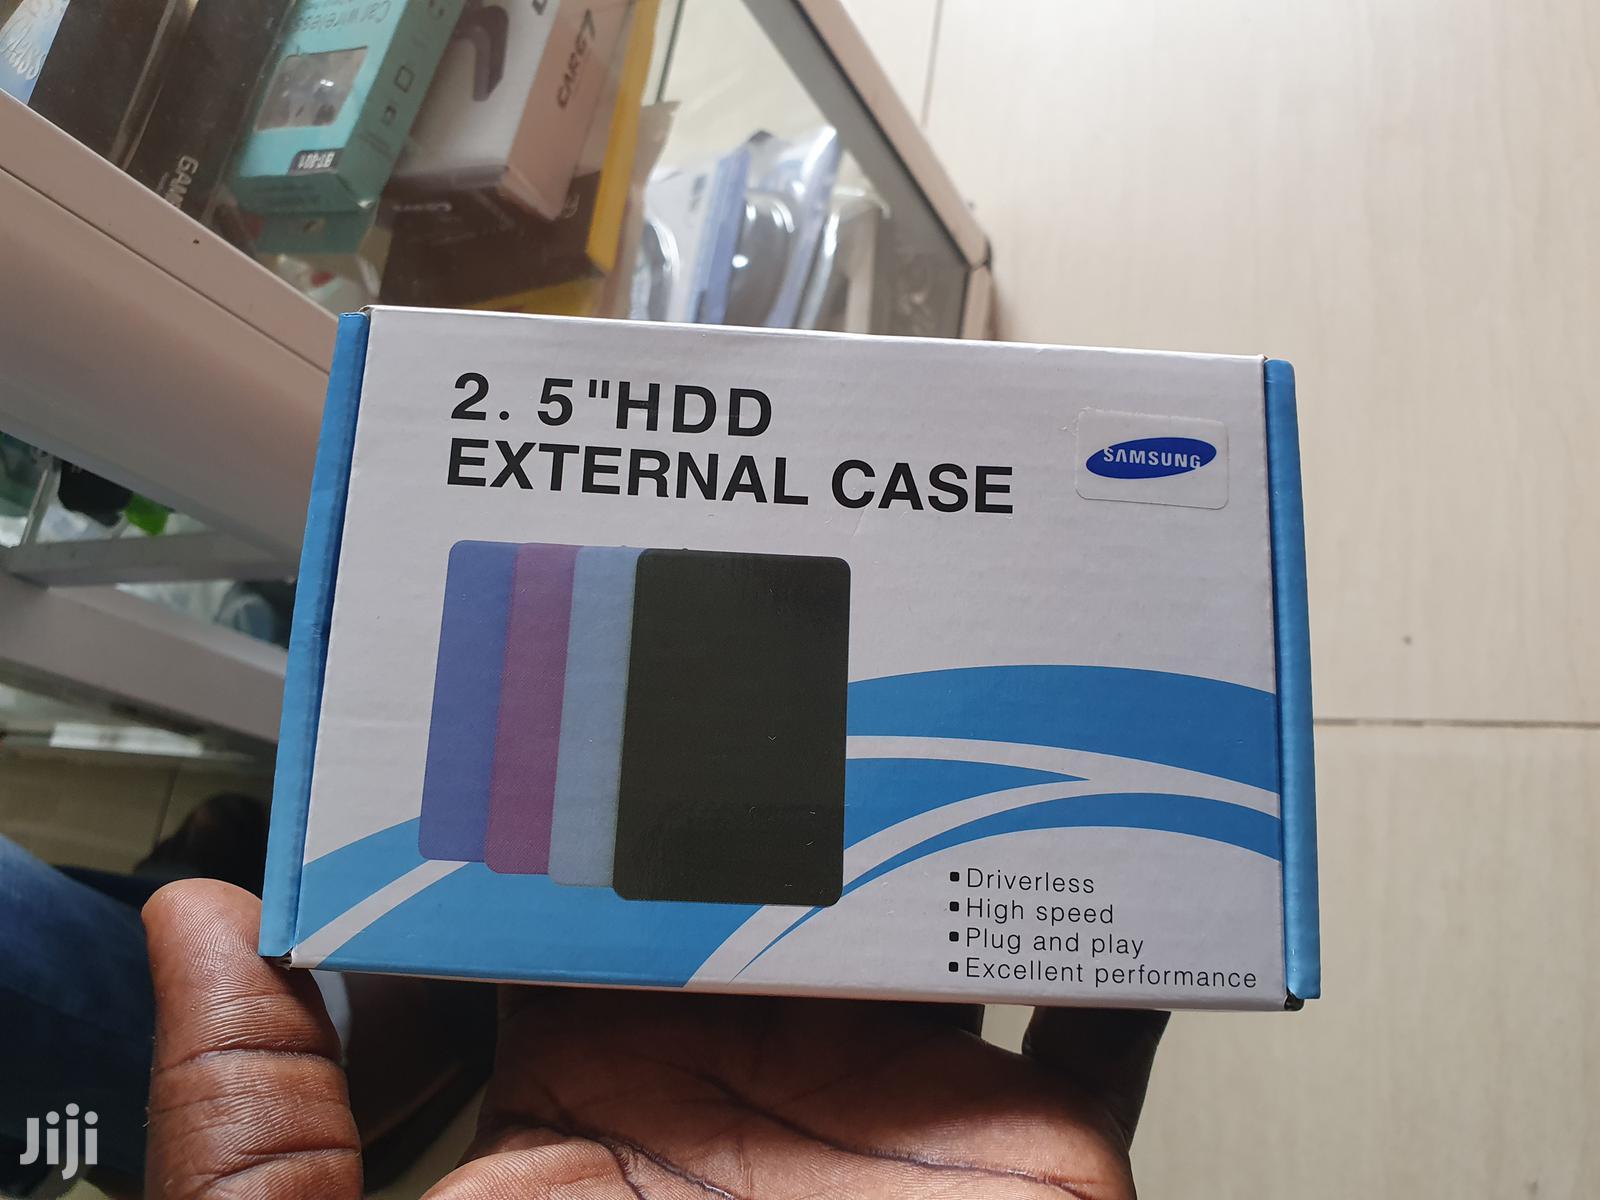 2.5'' HDD External Case